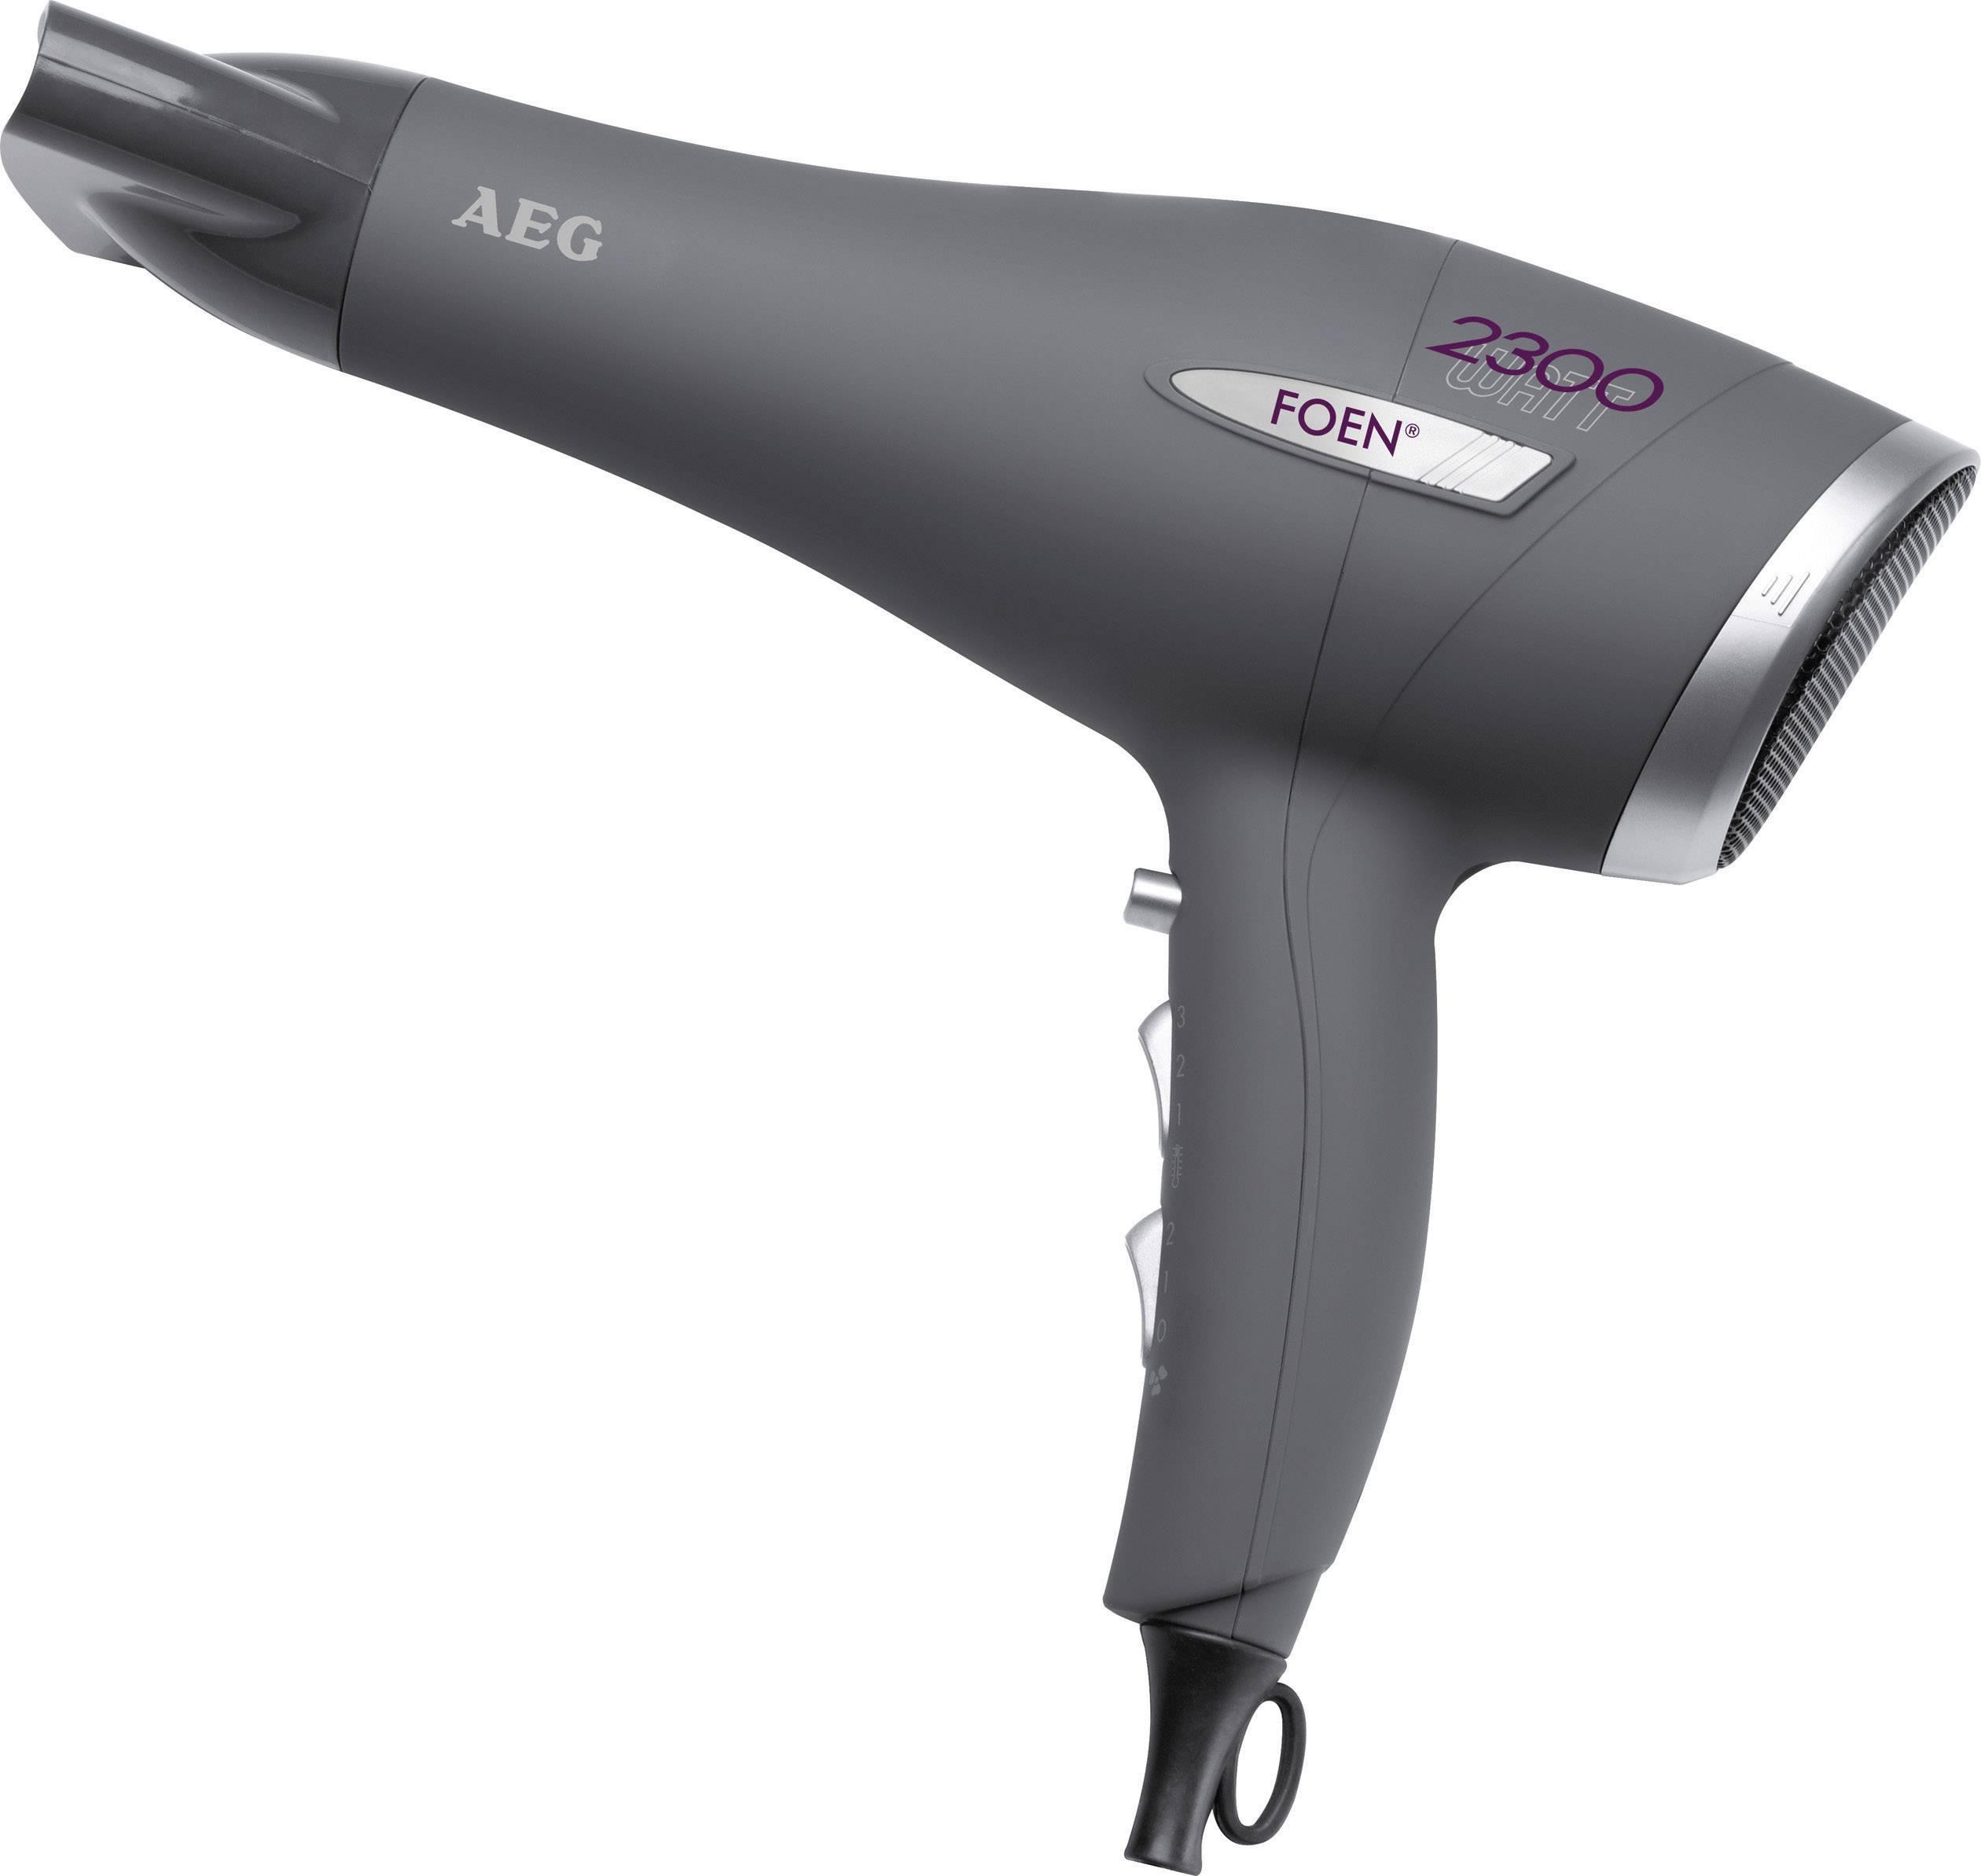 Fén AEG HT 5580, stříbrná/antracit